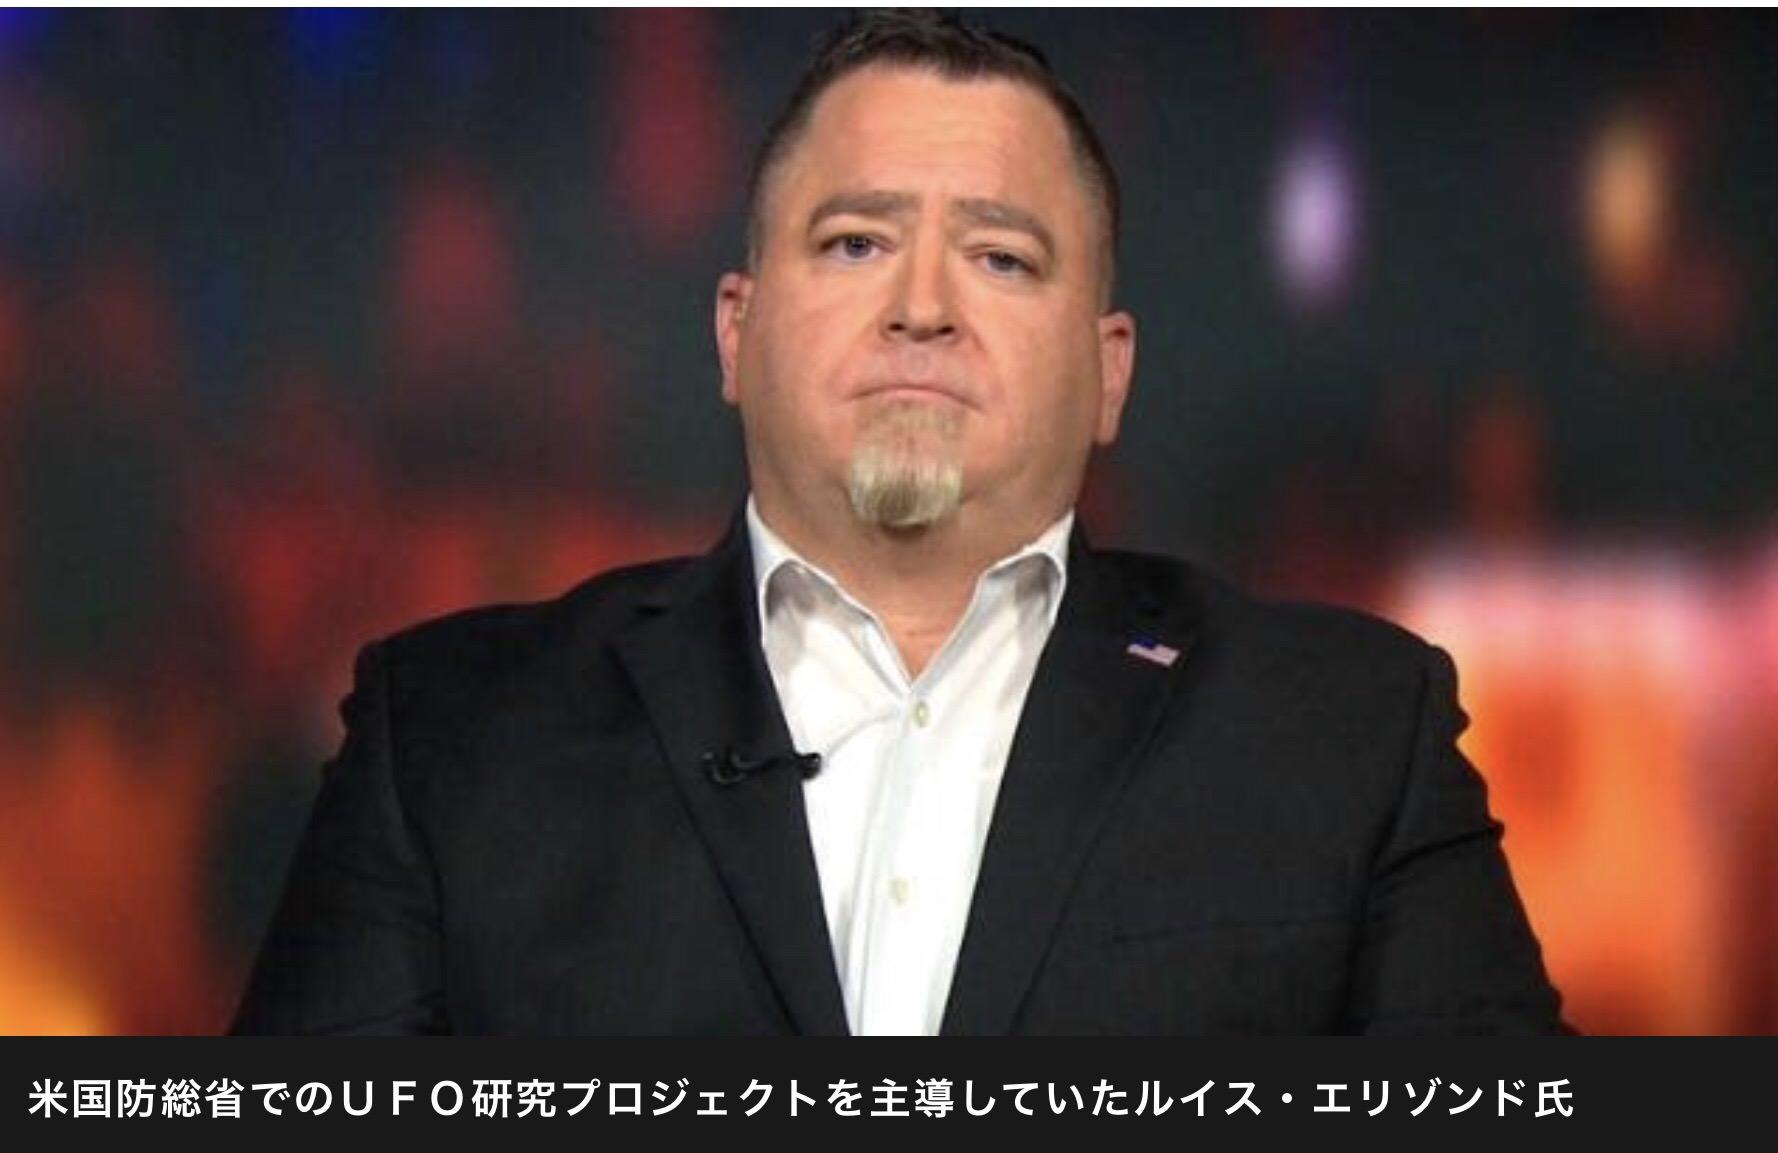 【CNN】宇宙人は地球に来ている 米国防総省のUFO研究で判明wwwwwwwwwwwのサムネイル画像